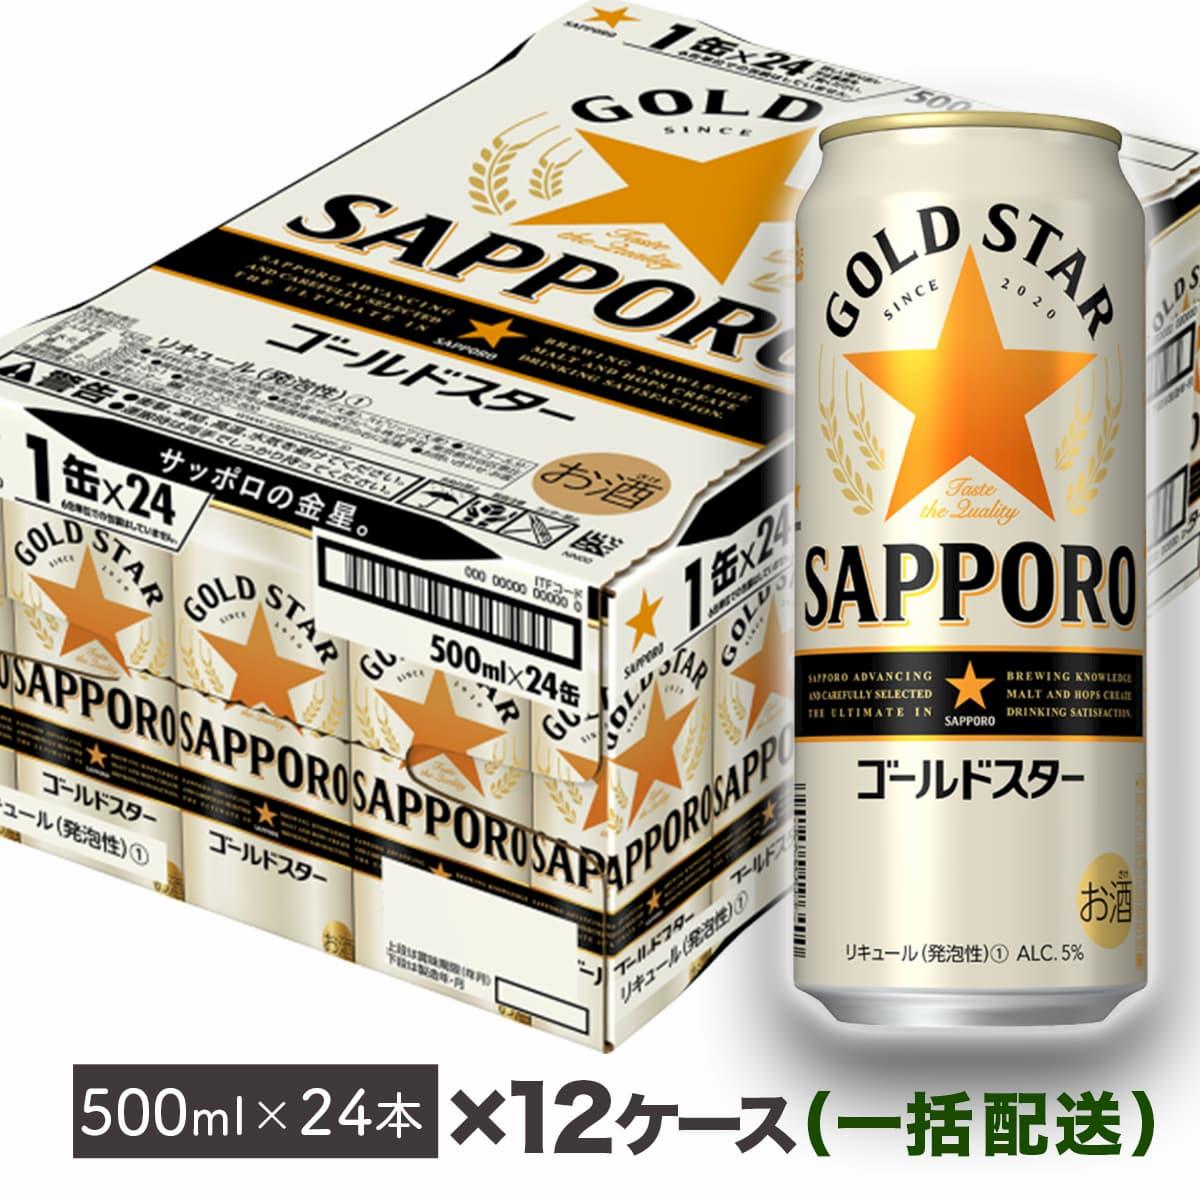 【ふるさと納税】地元名取産 サッポロ ゴールドスター 500ml缶×24本(1ケース)を12ケース同時配送